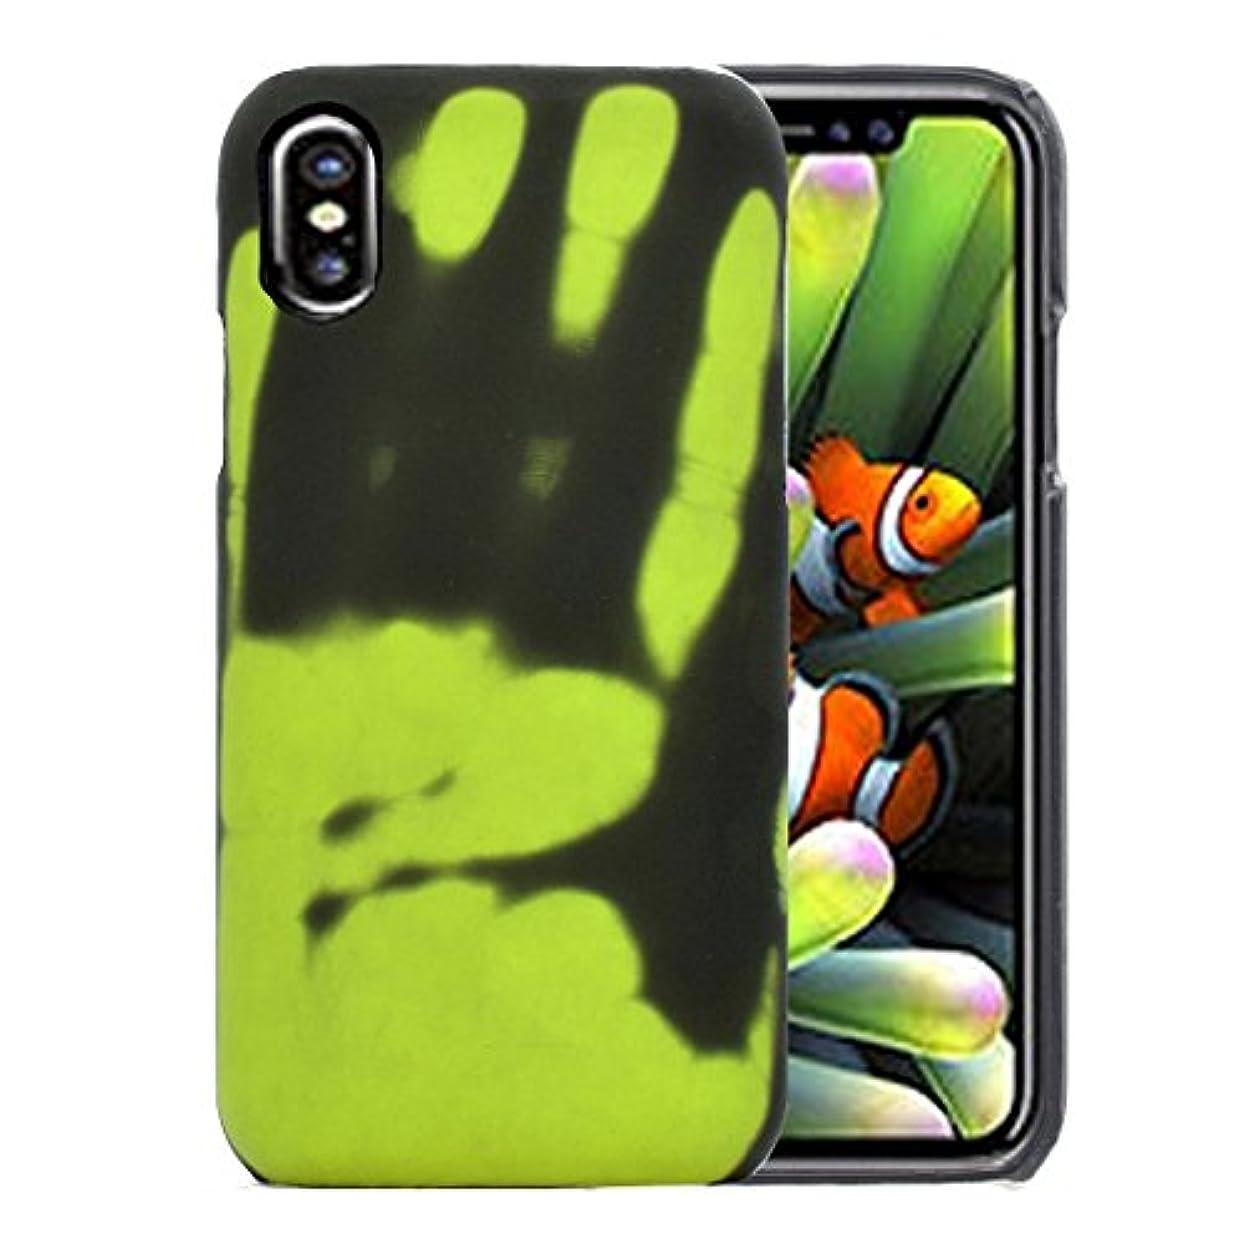 独裁者案件粘土IPhoneXS用の温度センサーの変色防止保護カバーケース (Color : Green)